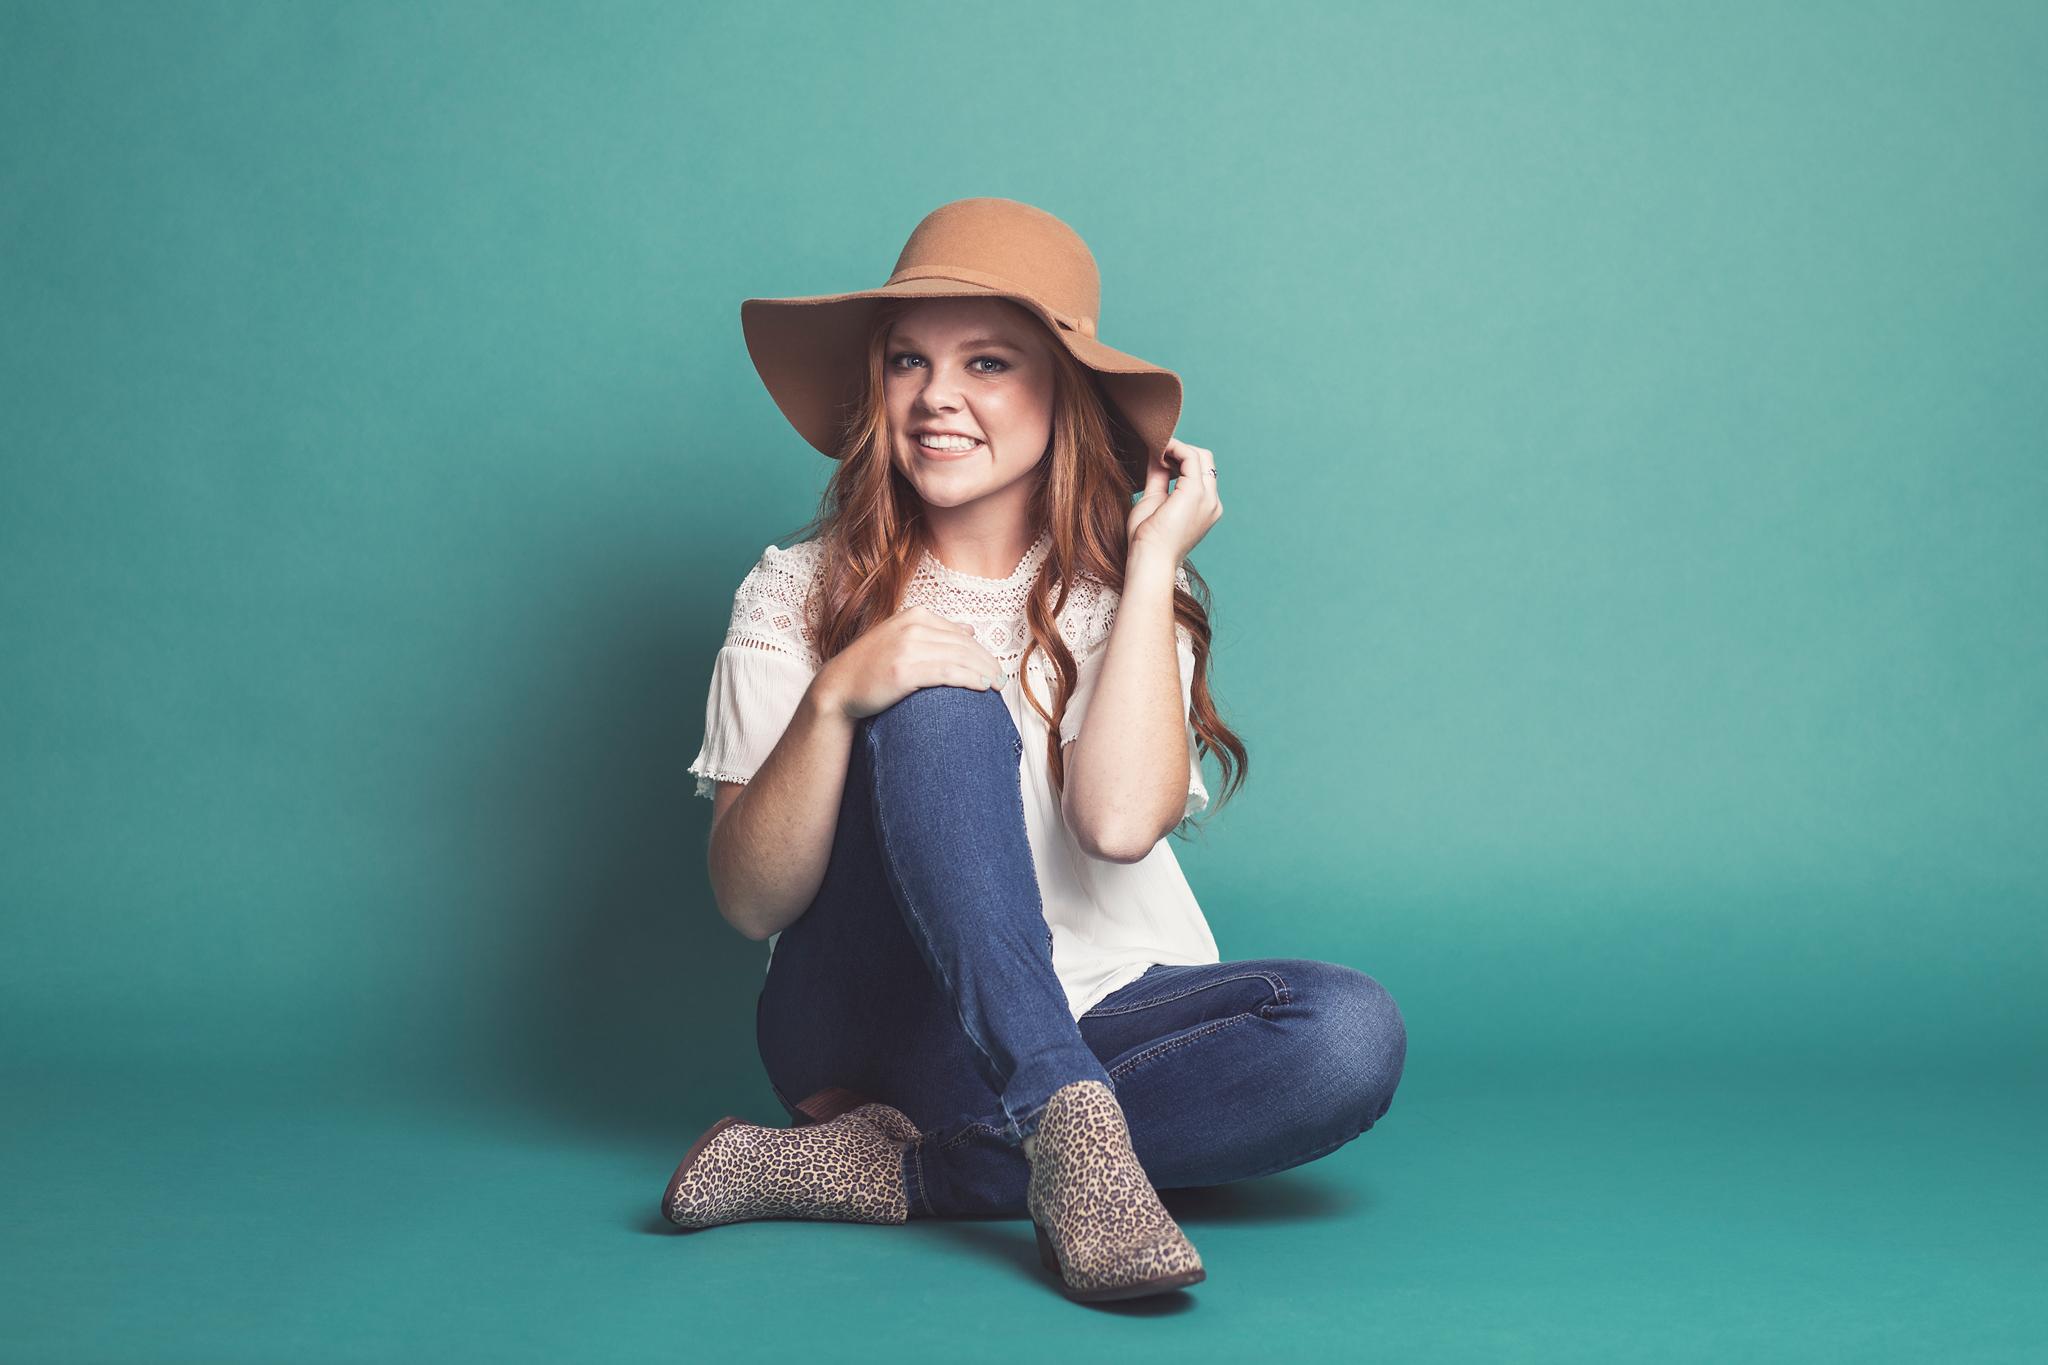 Senior Pictures by Amarillo Studio